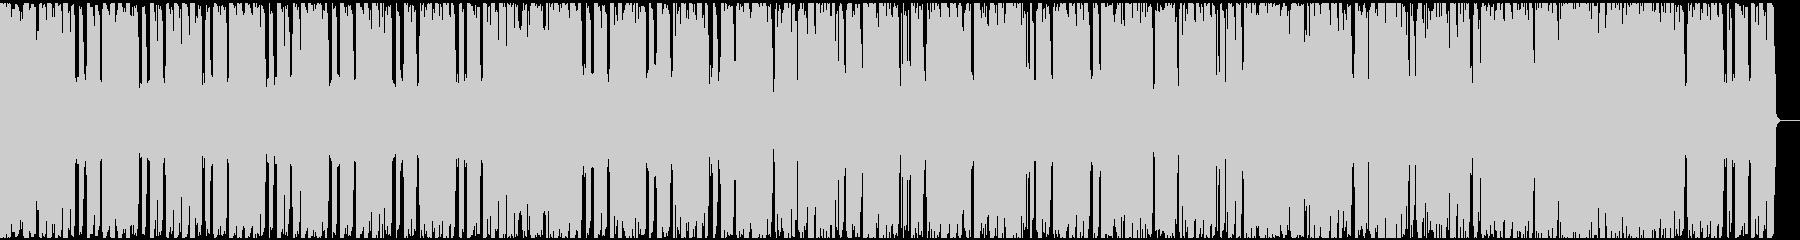 【フューチャーベース】ロング4の未再生の波形